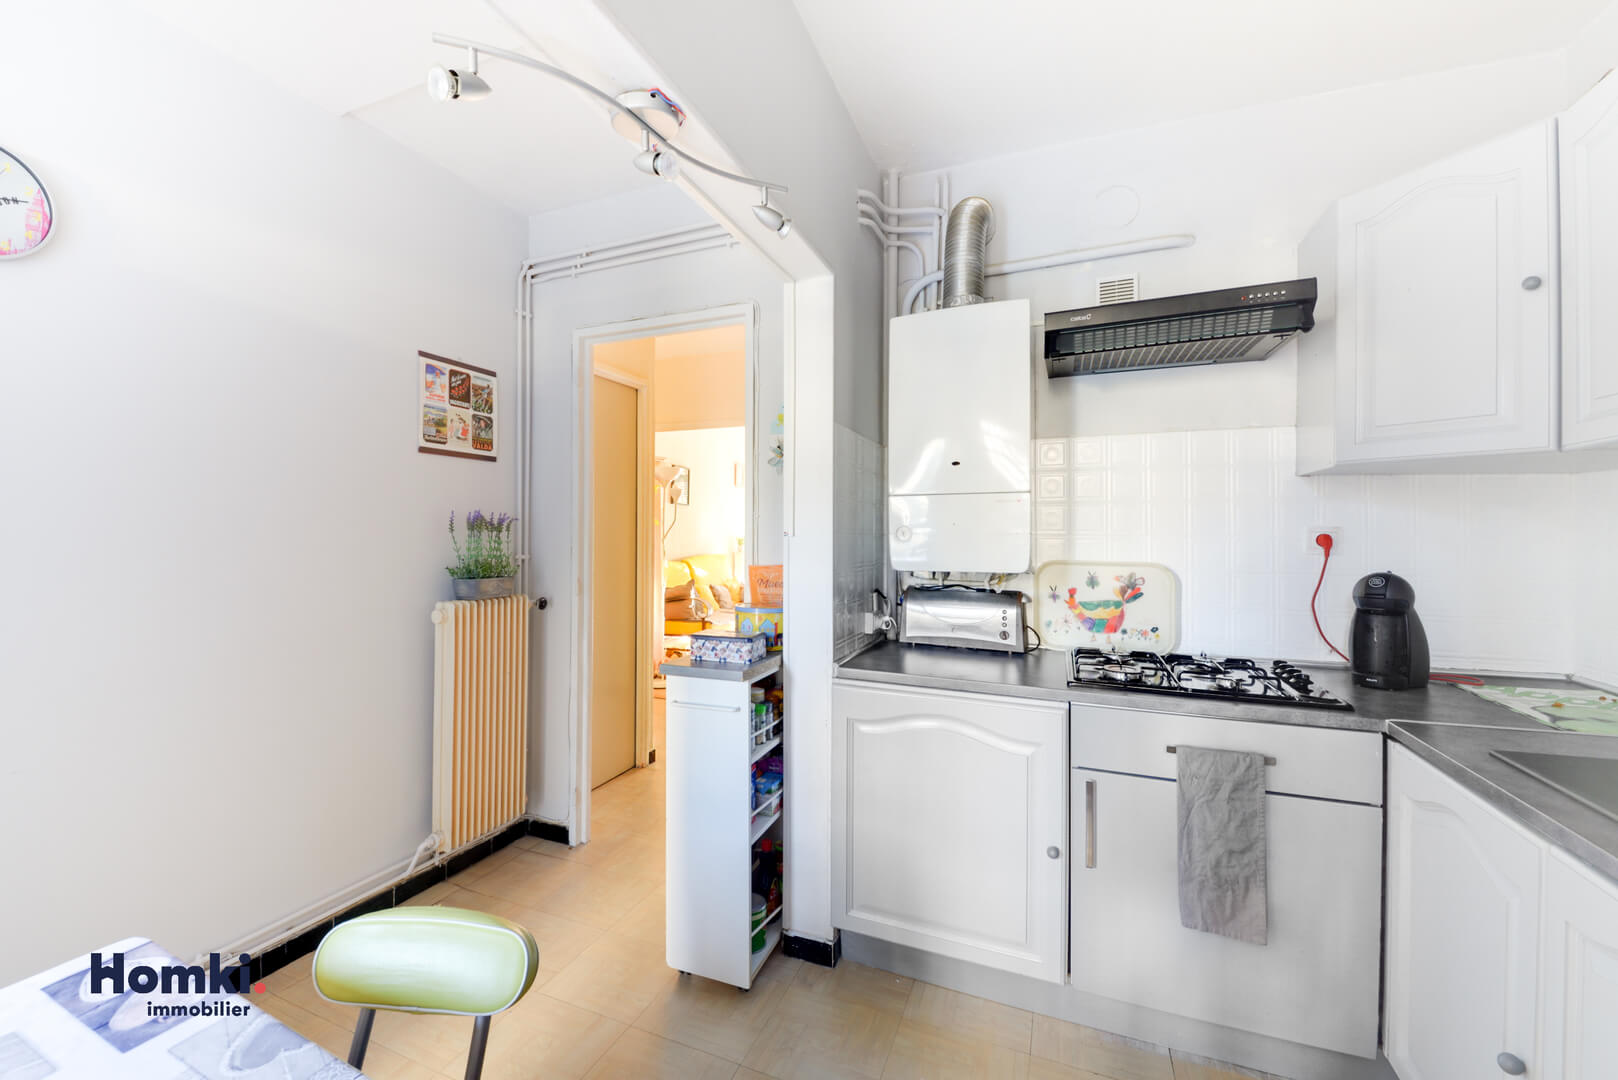 Homki - Vente Appartement  de 75.2 m² à marseille 13013